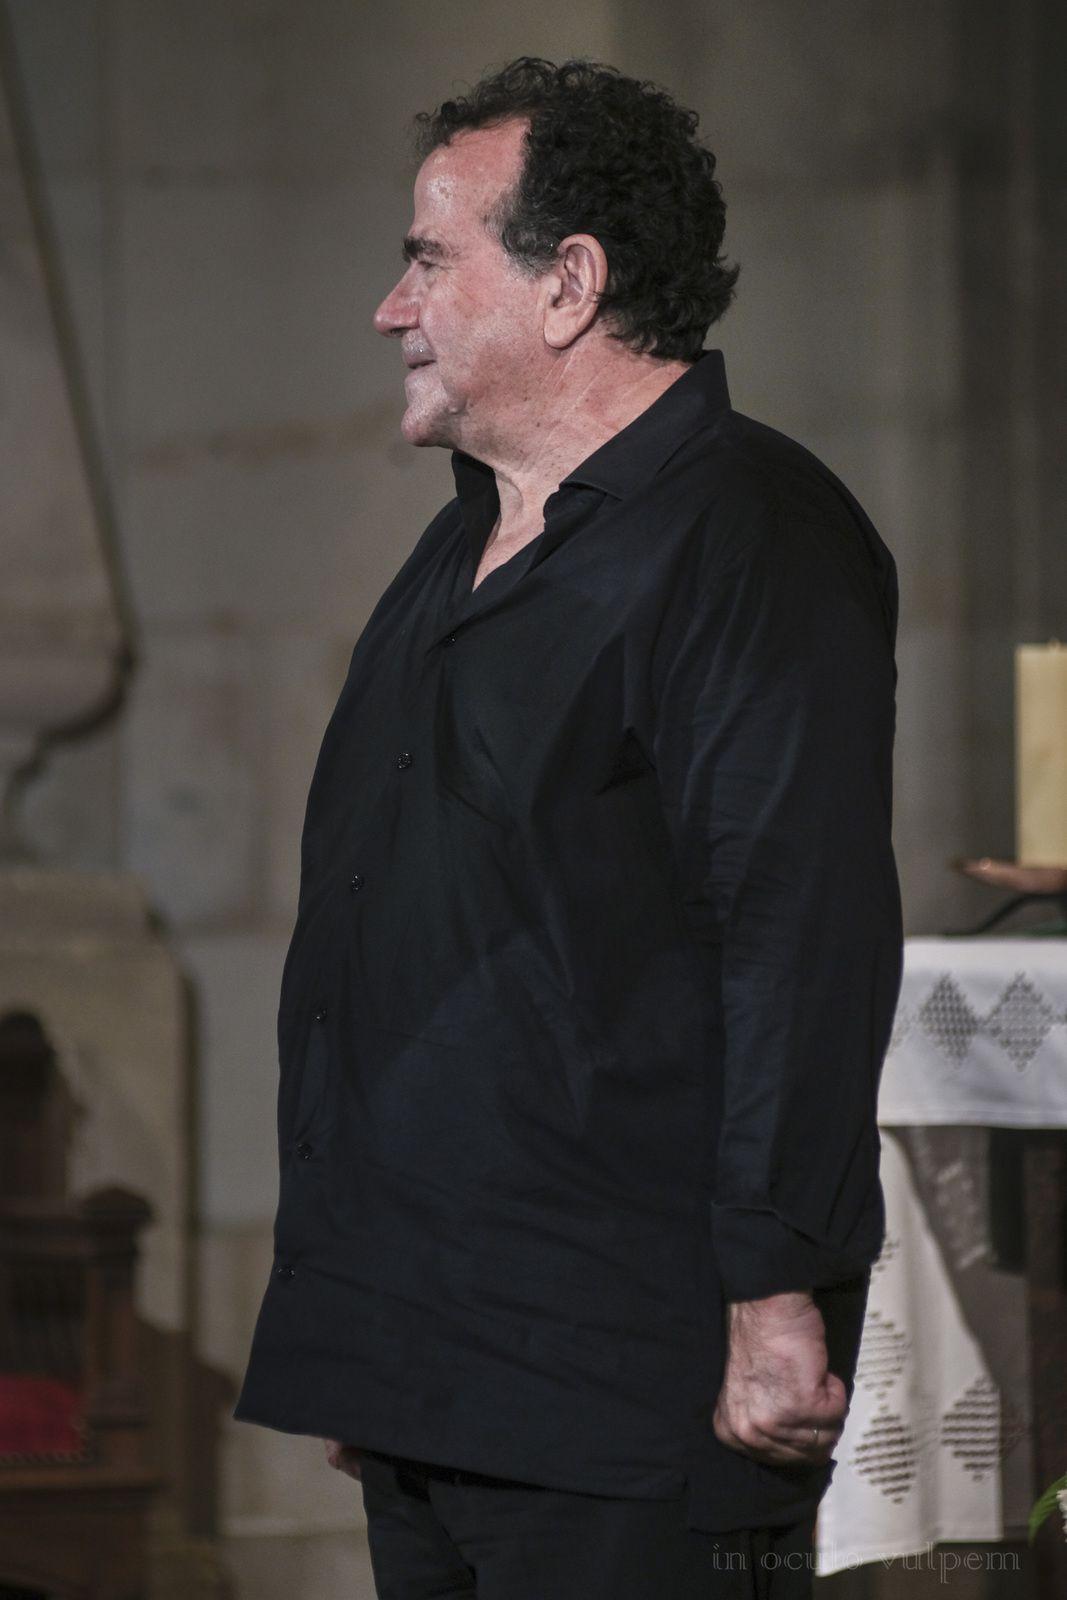 Les Promenades Musicales du Pays d'Auge. Richard Galliano, accordéon. Abbatiale de Saint Pierre sur Dives, 24/07/2019.